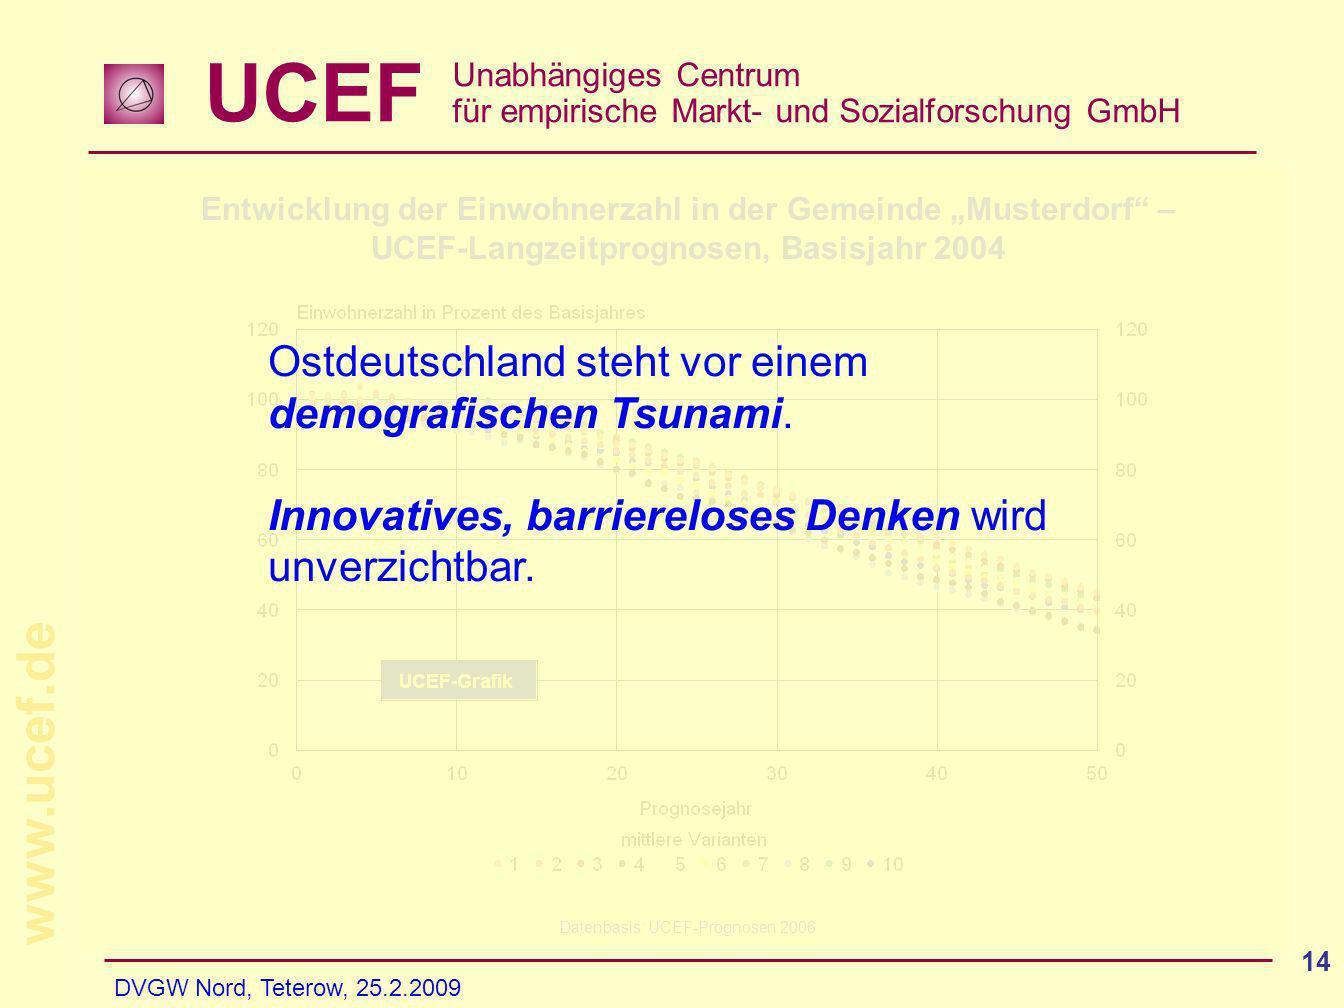 UCEF Unabhängiges Centrum für empirische Markt- und Sozialforschung GmbH www.ucef.de DVGW Nord, Teterow, 25.2.2009 14 Entwicklung der Einwohnerzahl in der Gemeinde Musterdorf – UCEF-Langzeitprognosen, Basisjahr 2004 Datenbasis: UCEF-Prognosen 2006 Ostdeutschland steht vor einem demografischen Tsunami.